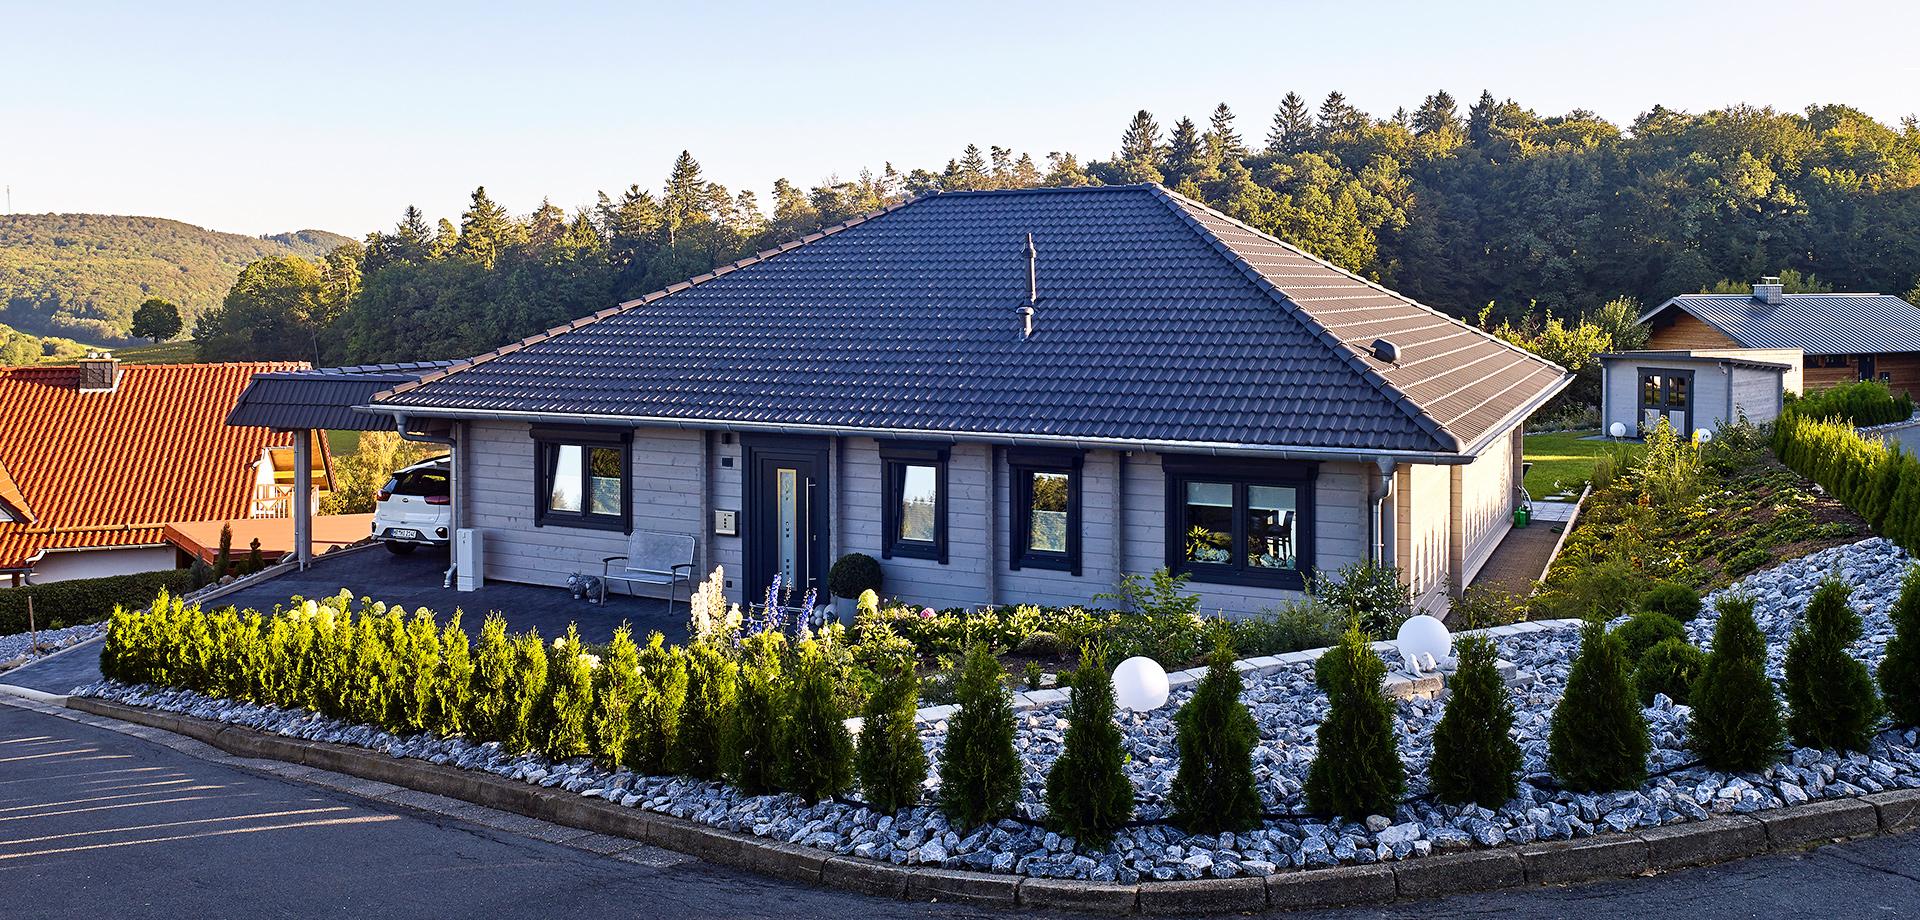 Wohnhaus - Wohnblockhaus Talblick